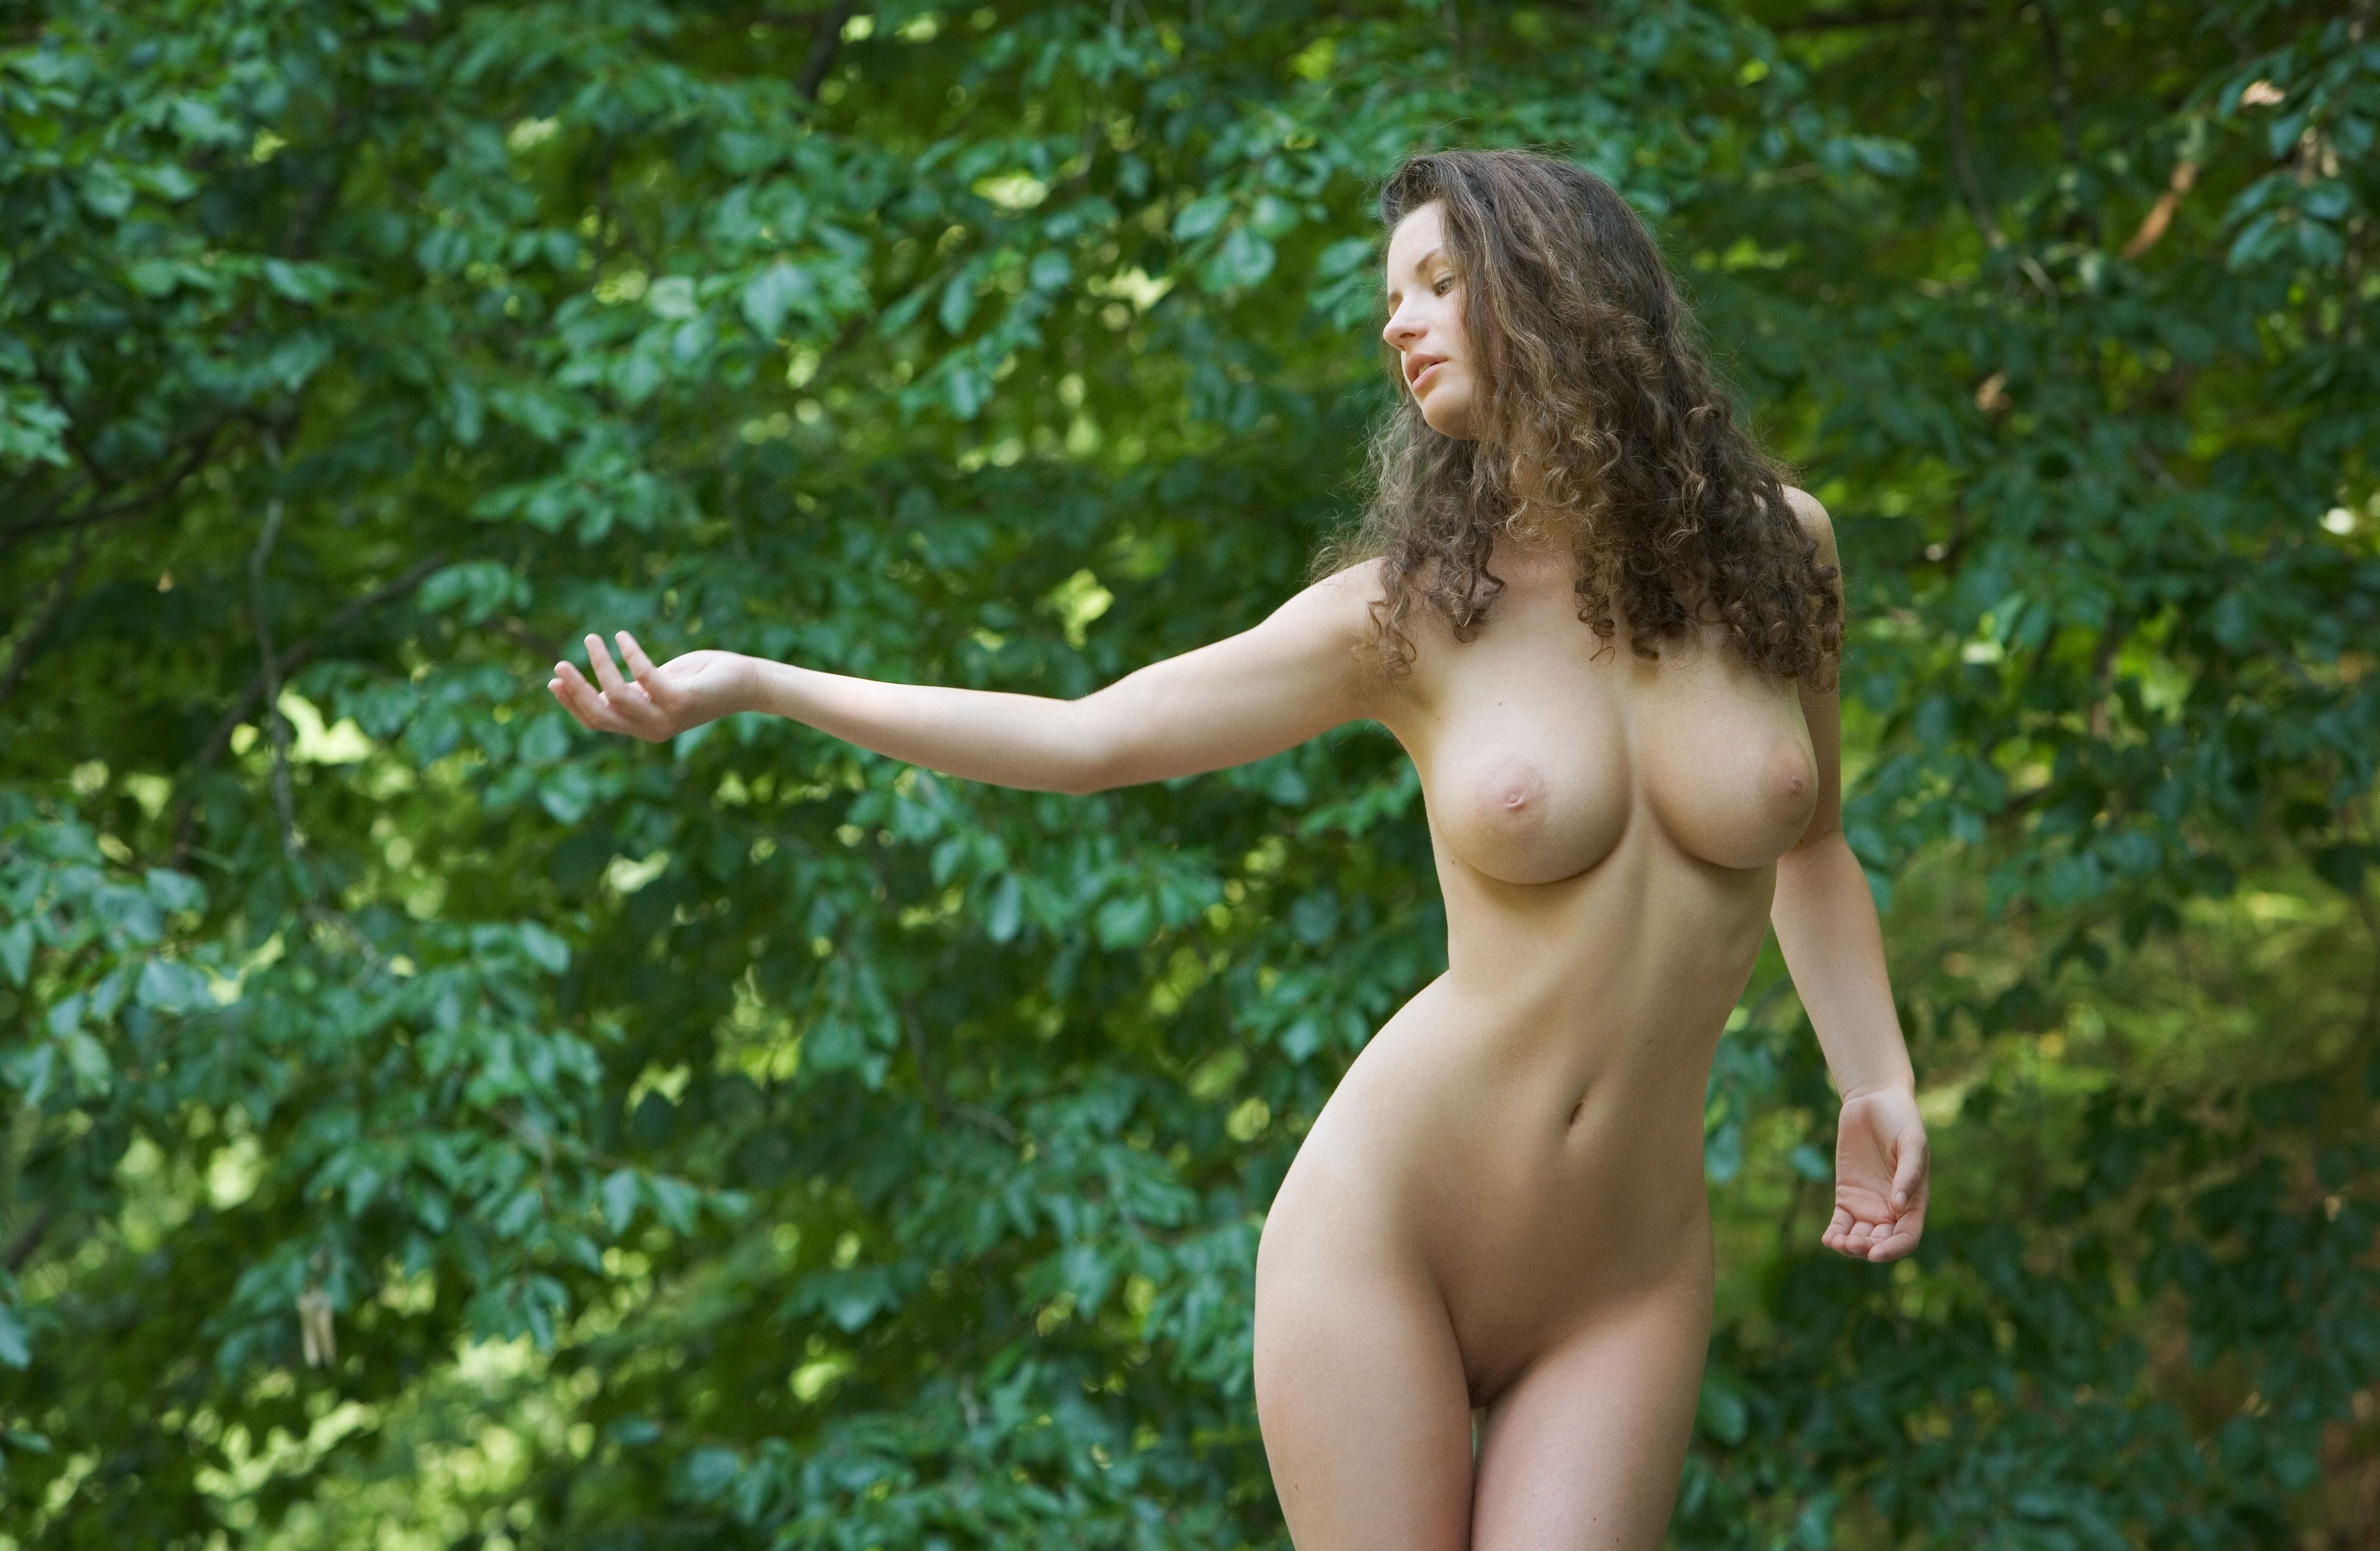 Эротика совсем голых девушек 21 фотография